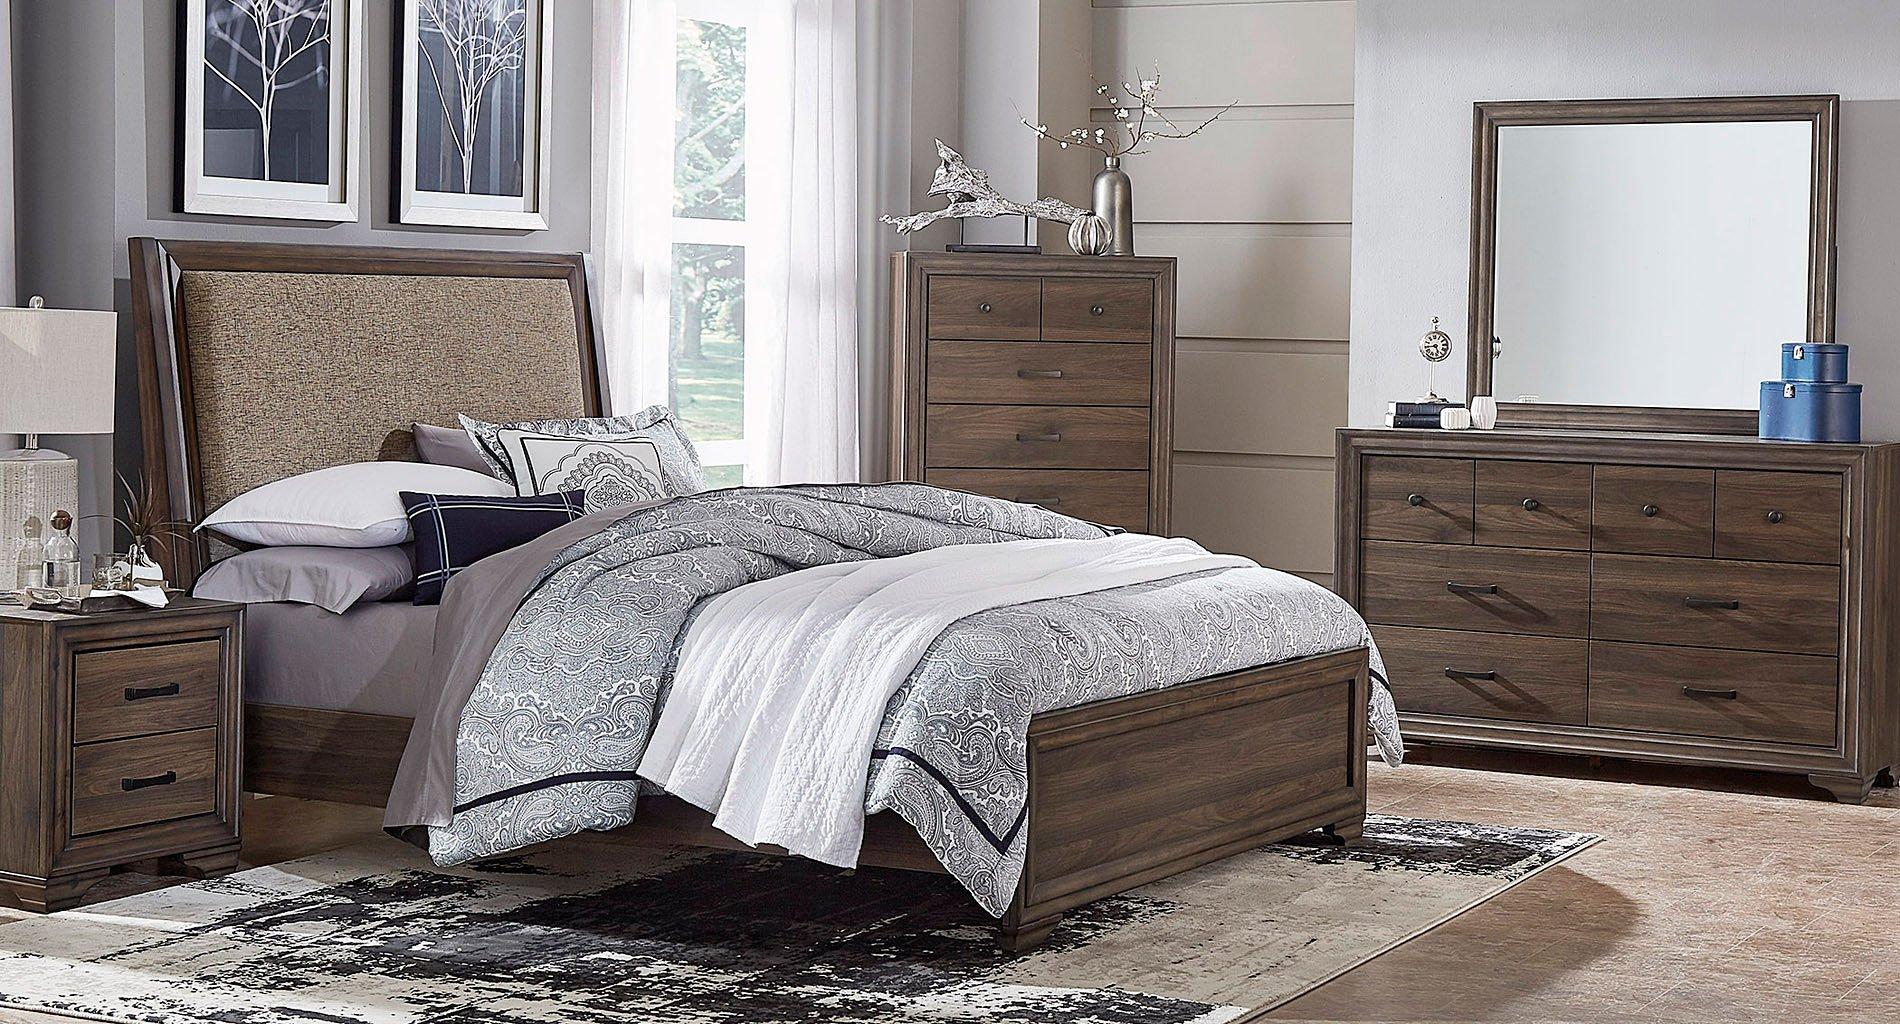 Clarksdale Upholstered Bedroom Set Liberty Furniture   Furniture Cart